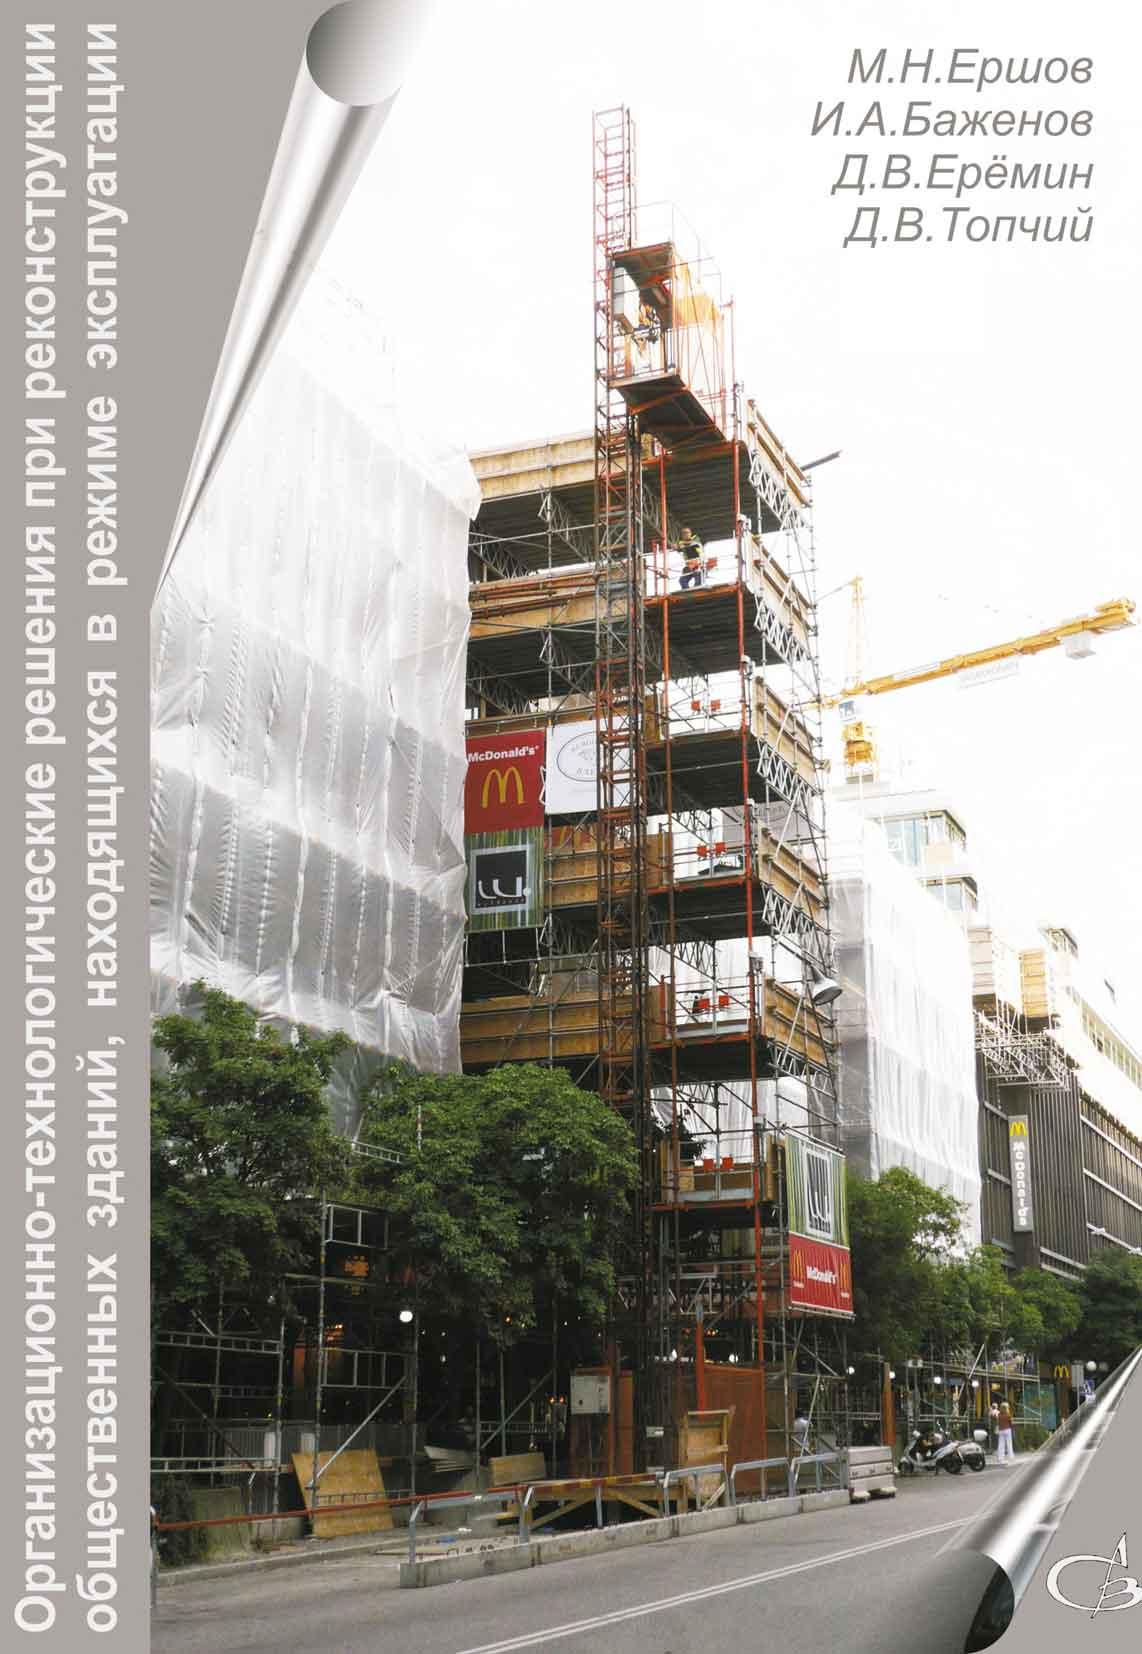 И. А. Баженов Организационно-технологические решения при реконструкции общественных зданий, находящихся в режиме эксплуатации